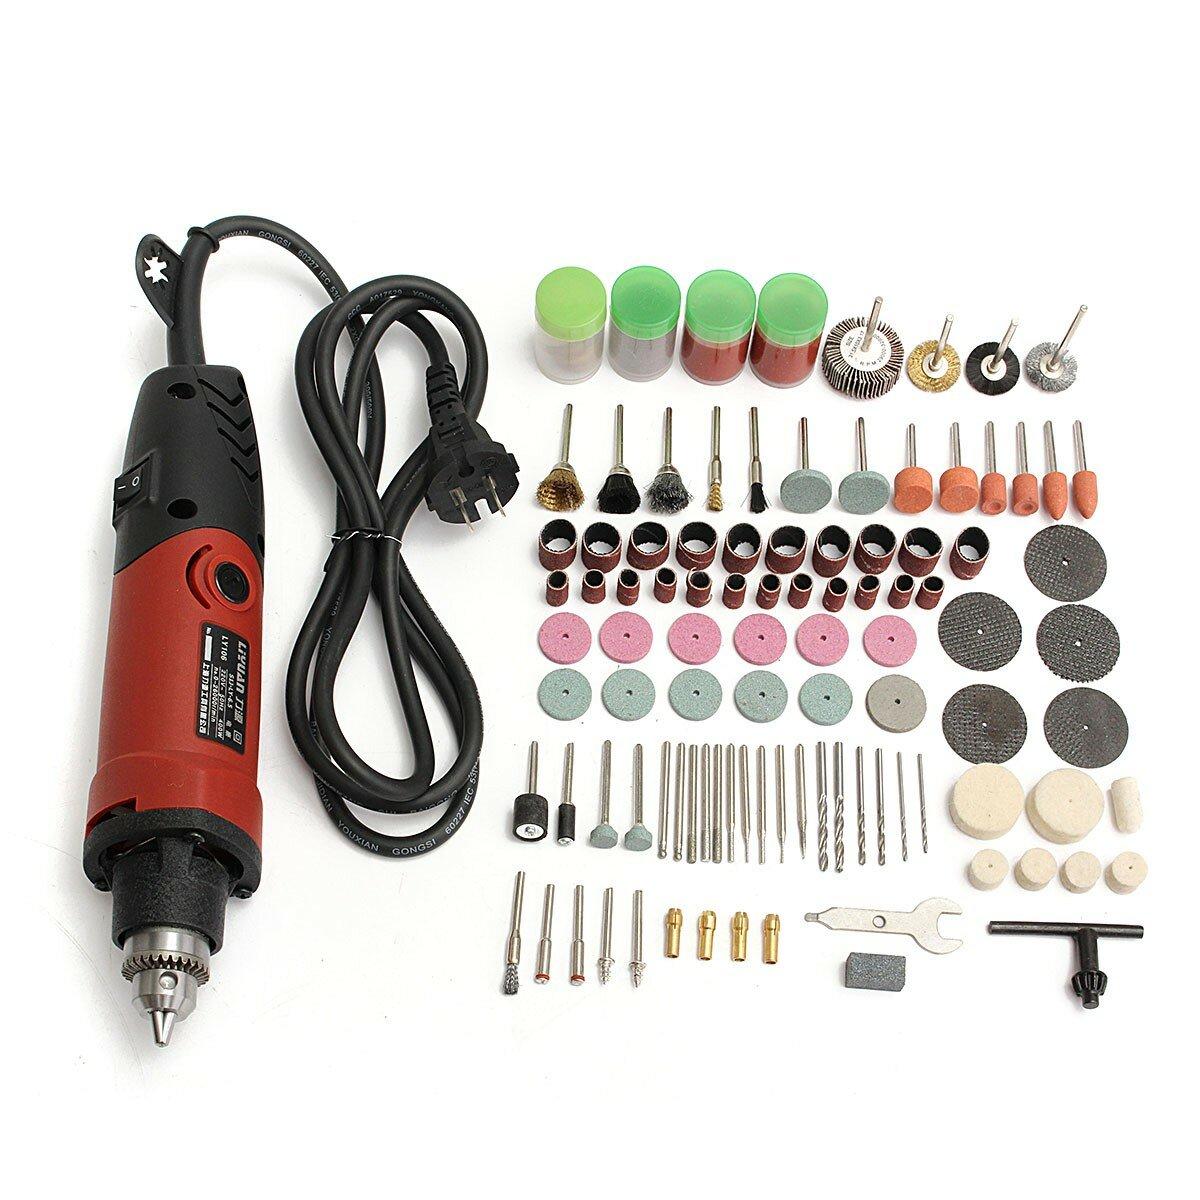 Drillpro 400W 220V Электрический Дрель Измельчитель переменной скорости Вращающийся Инструмент с 161шт аксессуарами